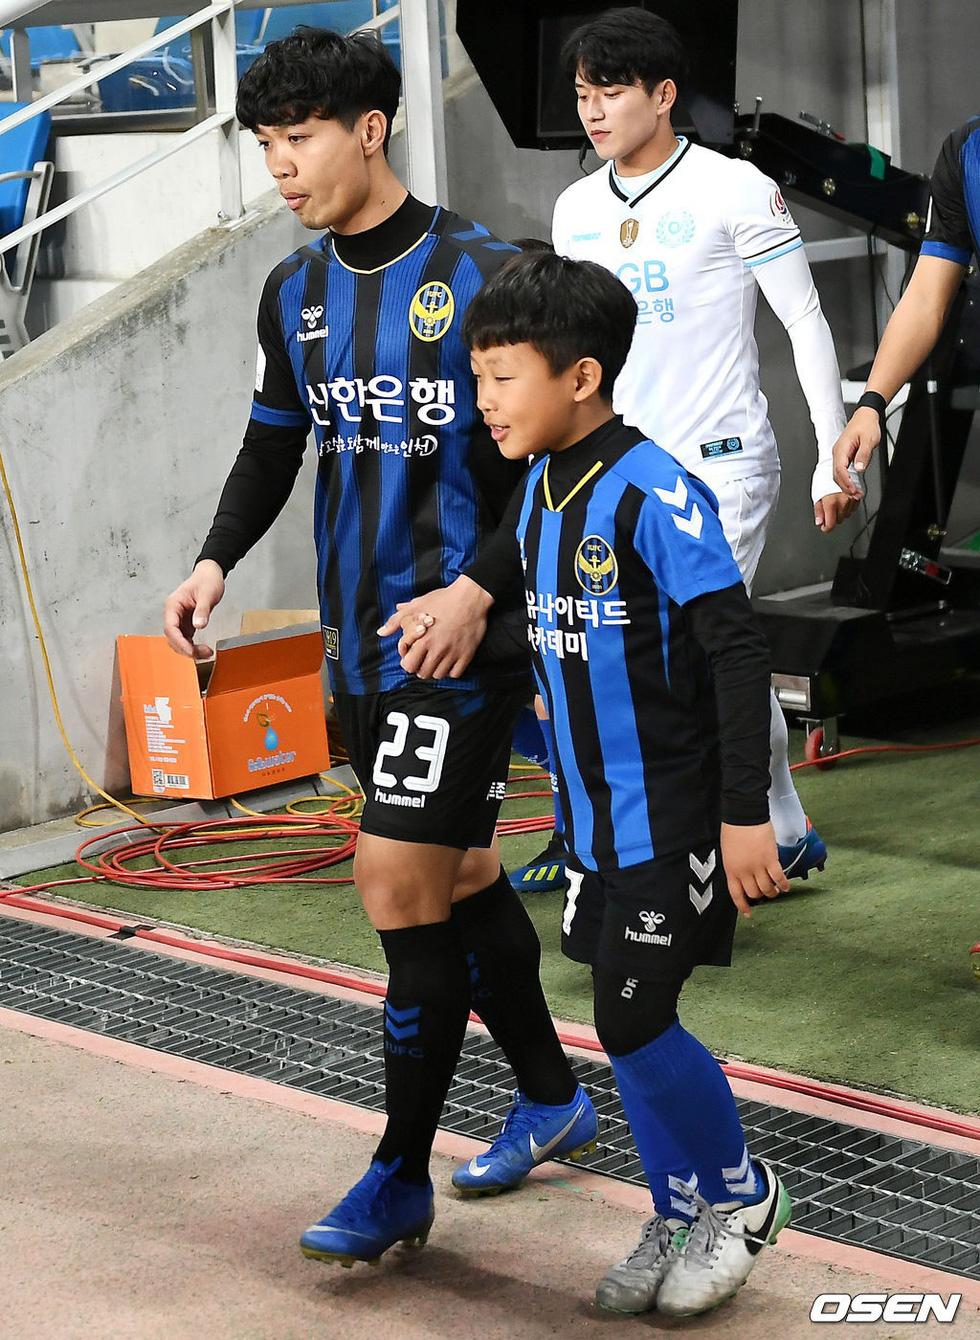 Ảnh Công Phượng thi đấu nỗ lực lần đầu đá chính trên báo Hàn - Ảnh 3.